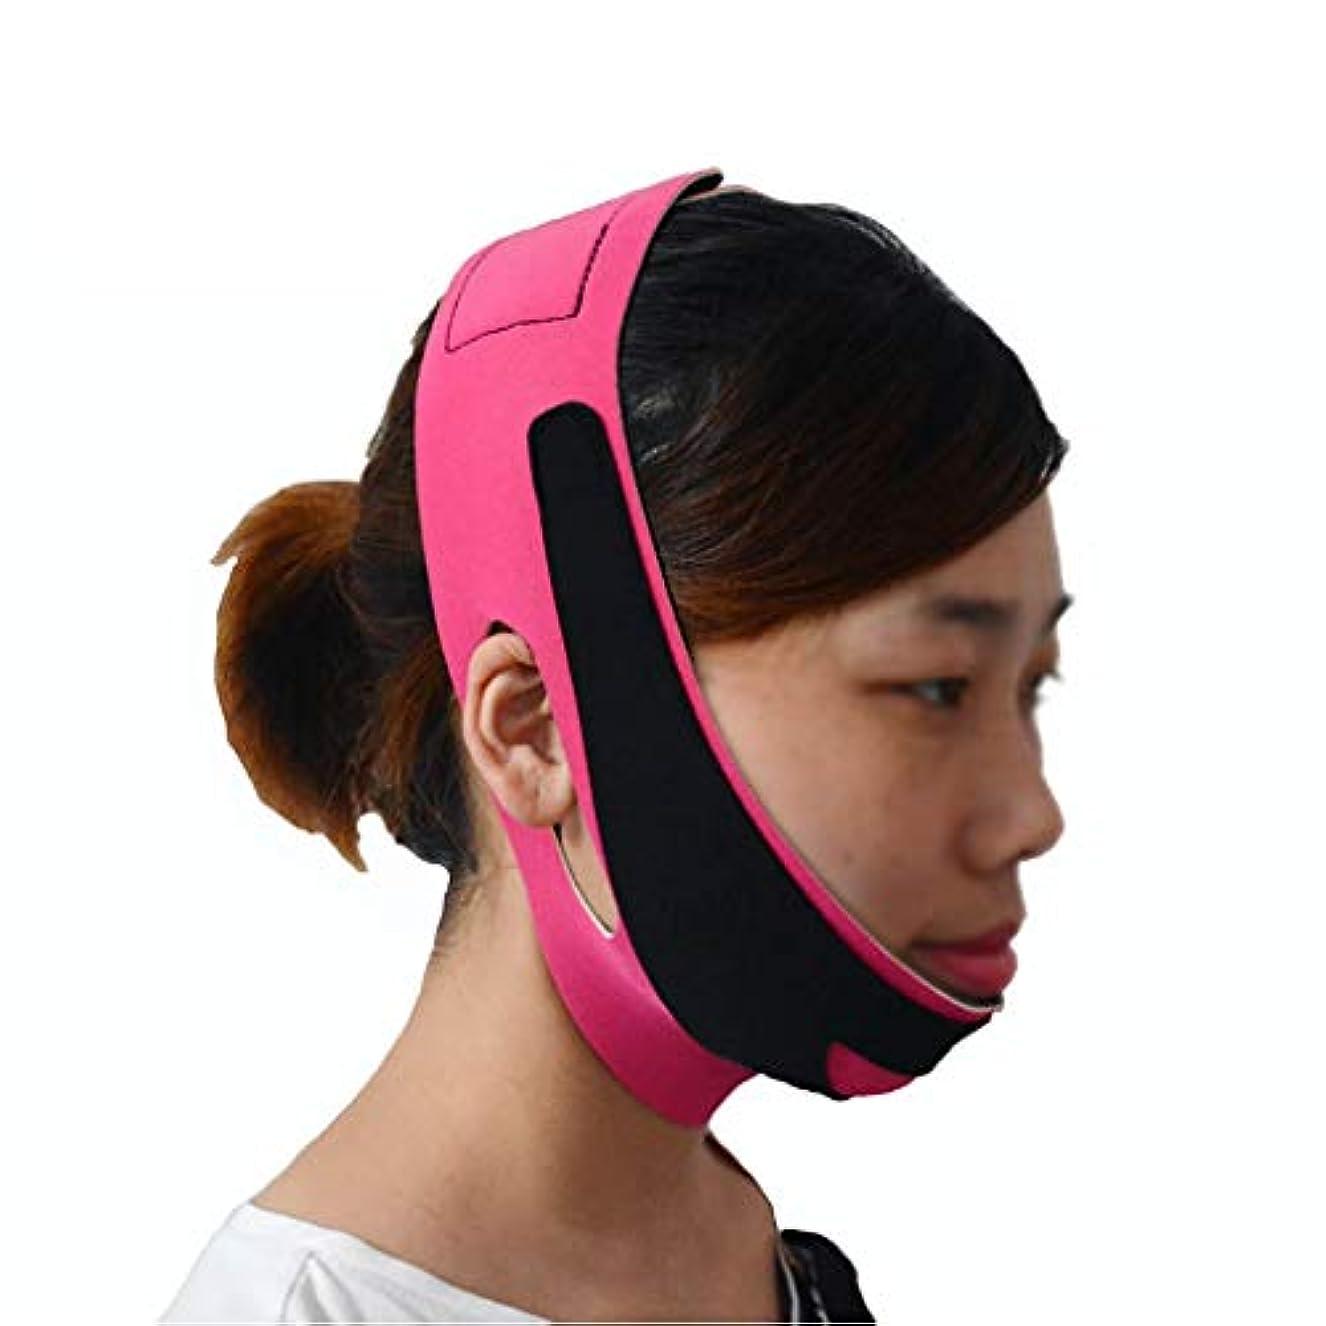 ひばりの配列ひばり顔面マスク、顔面リフトマスク薄い顔をあごに薄く包帯V顔アーティファクトに直面する